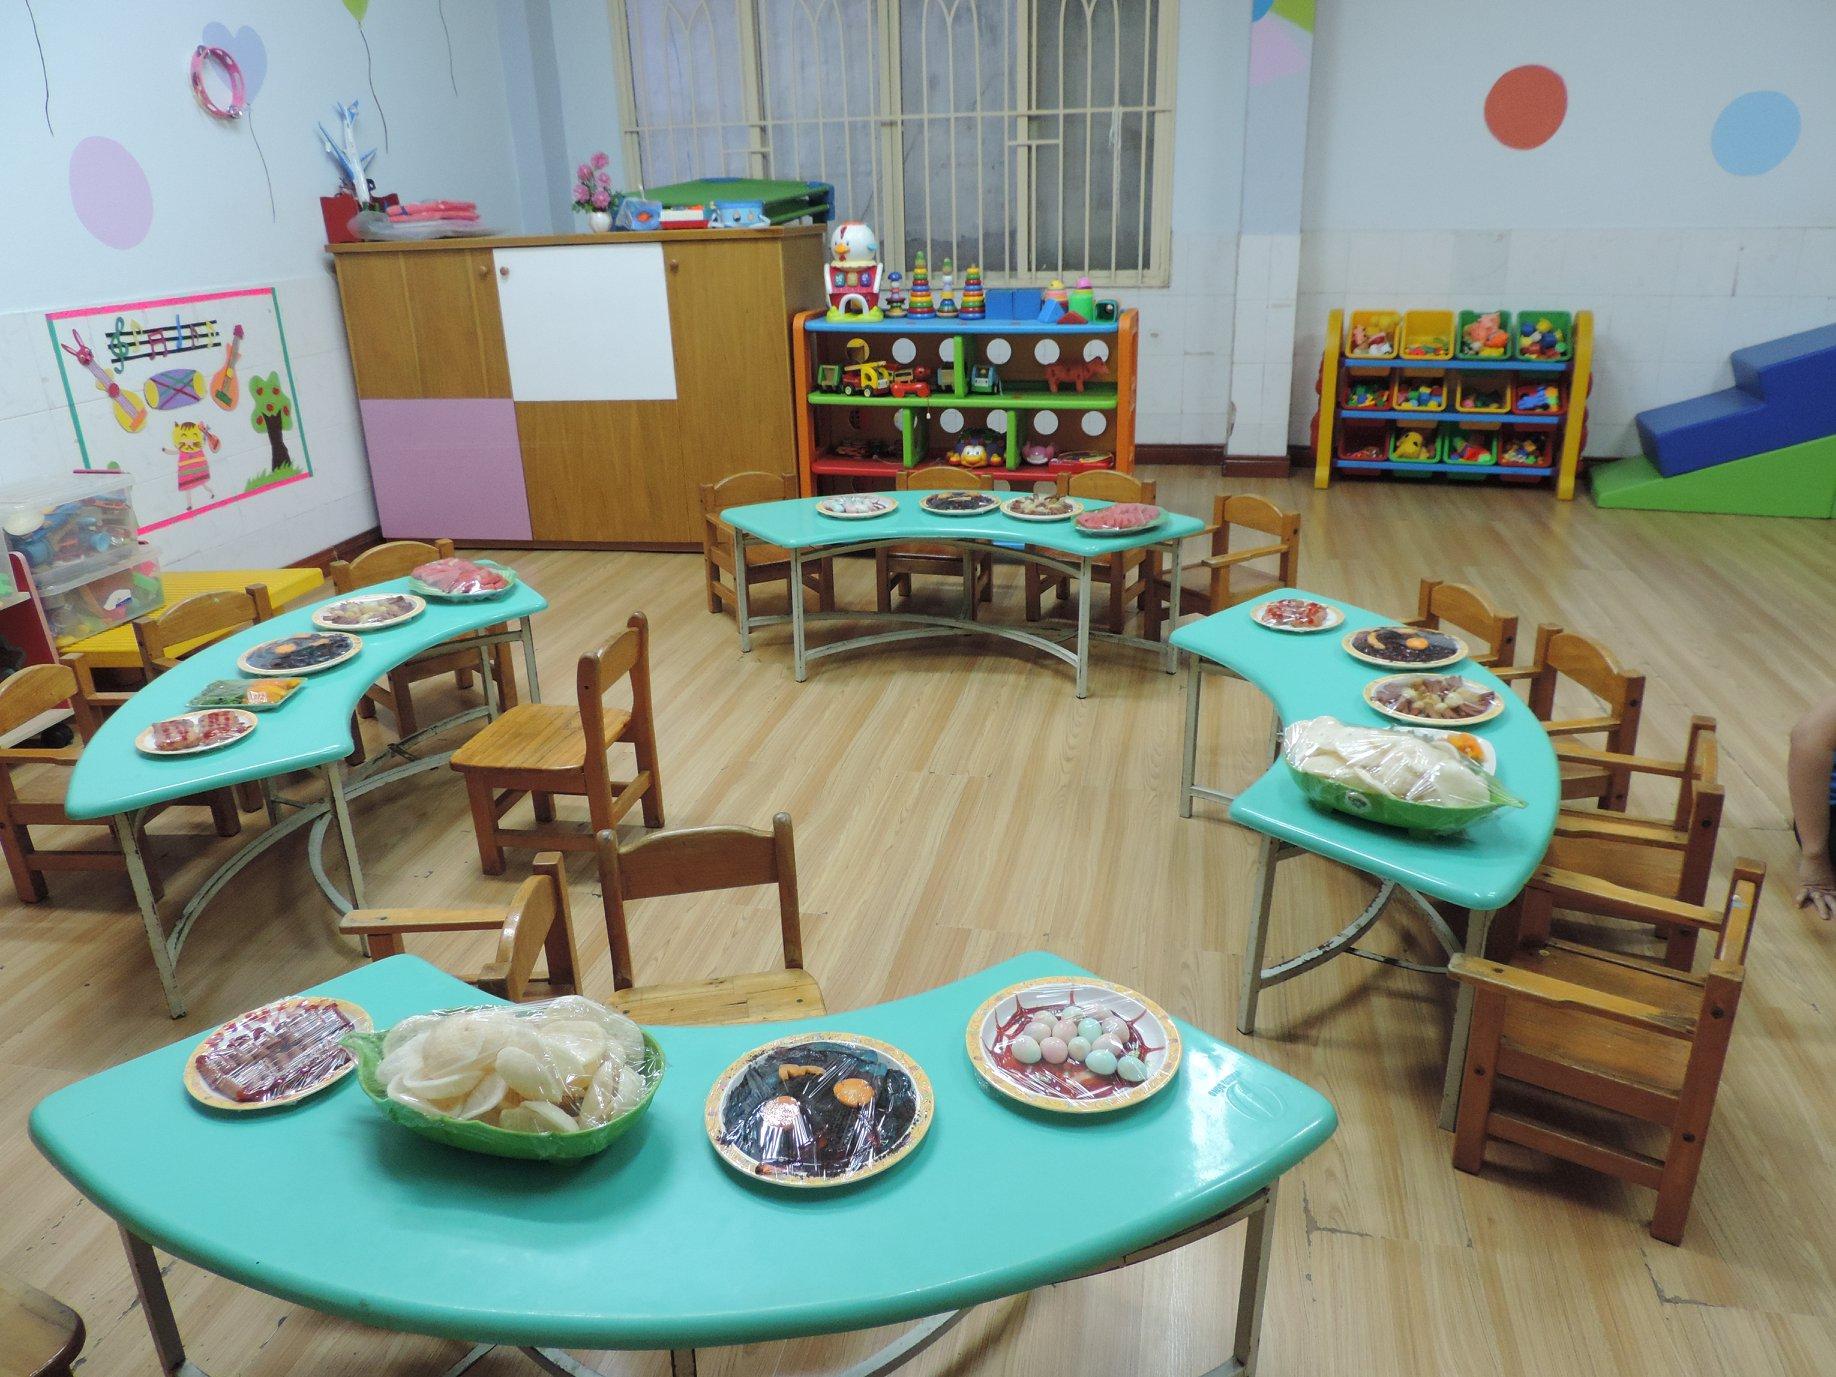 Trường Mầm Non 1 Tháng 6 - Phường 10, Gò Vấp